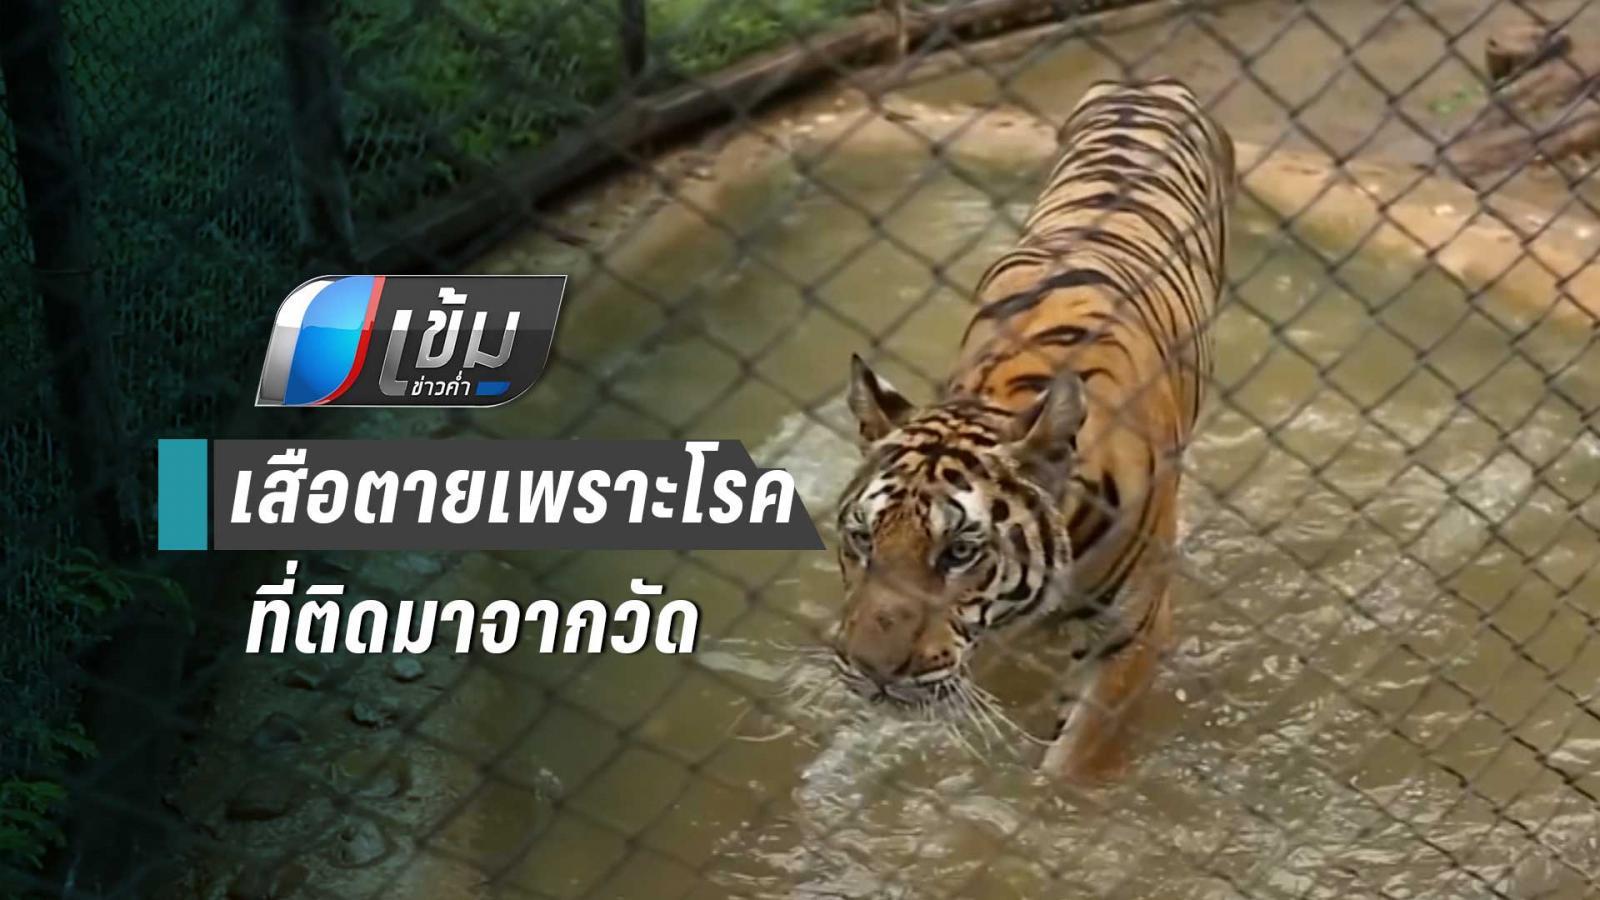 กรมอุทยานฯ คาด เสือตายเพราะโรคที่ติดมาจากวัดป่าหลวงตาบัวฯ